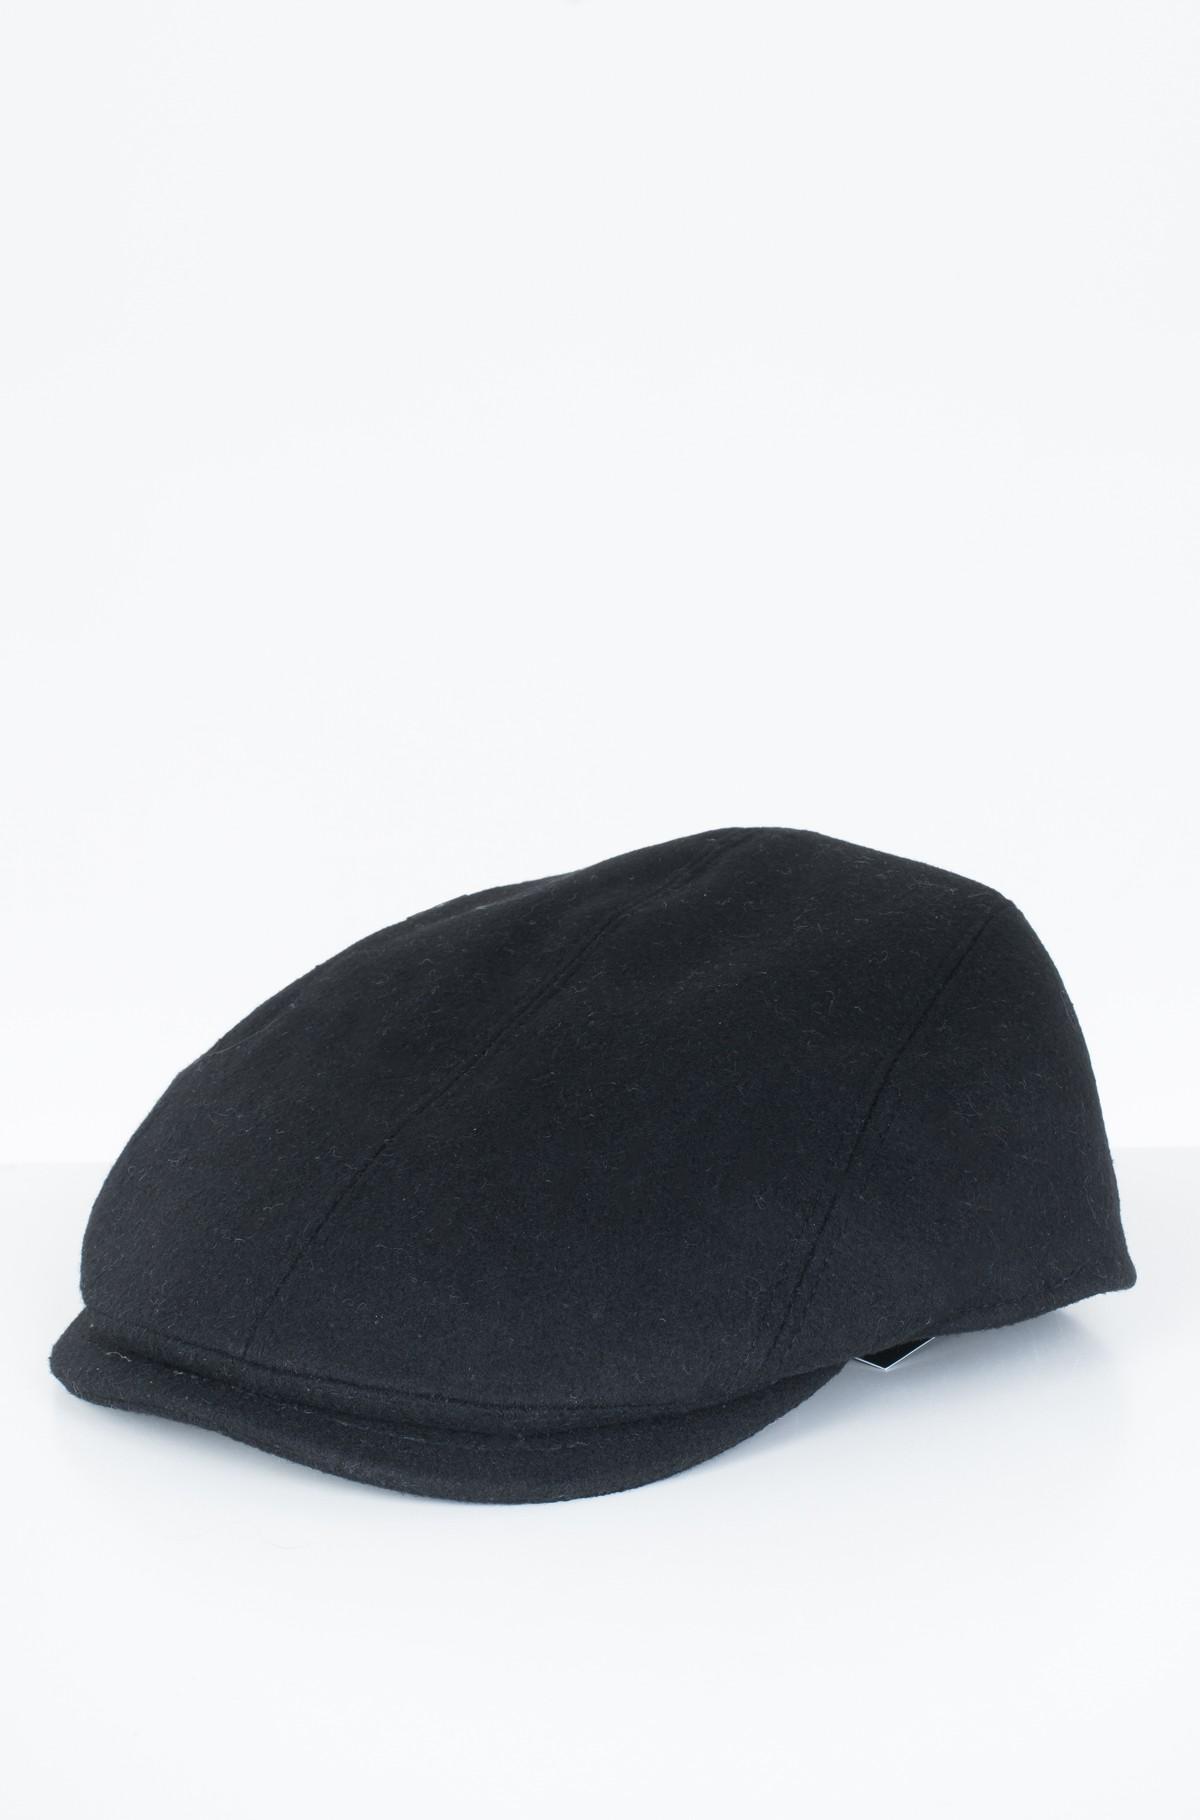 Tvido kepurė 8350284-full-1